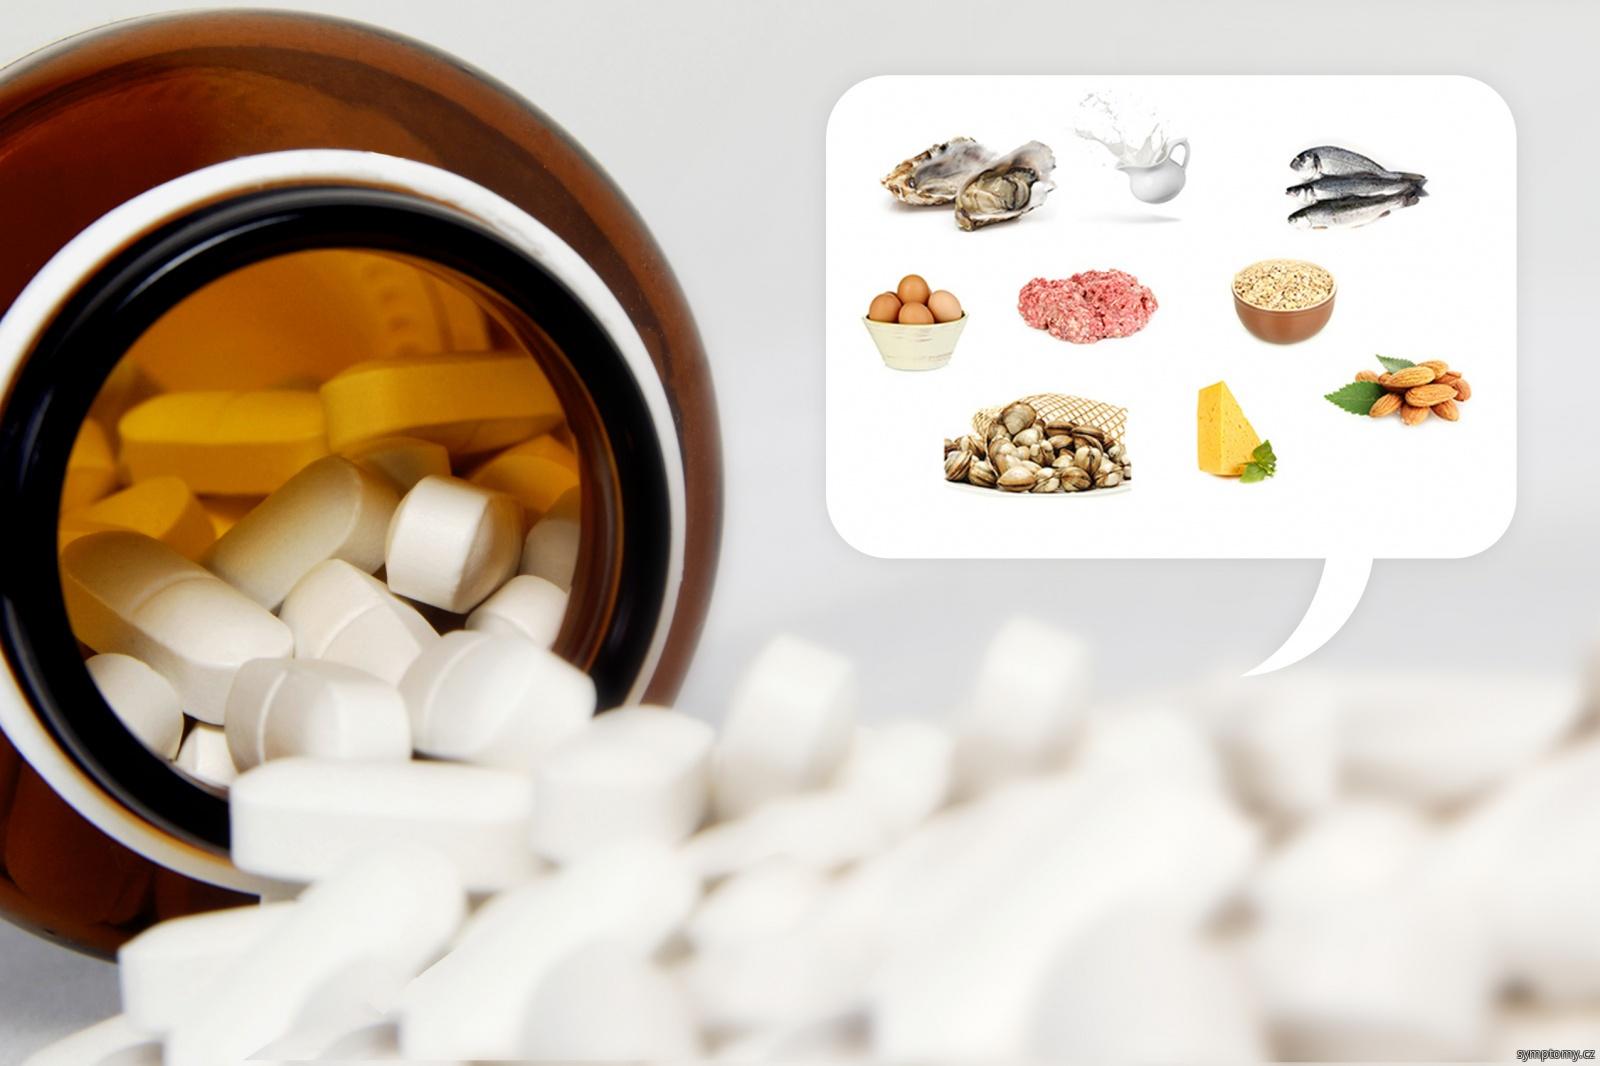 pilulky vitamínu B12 (kobalamin)